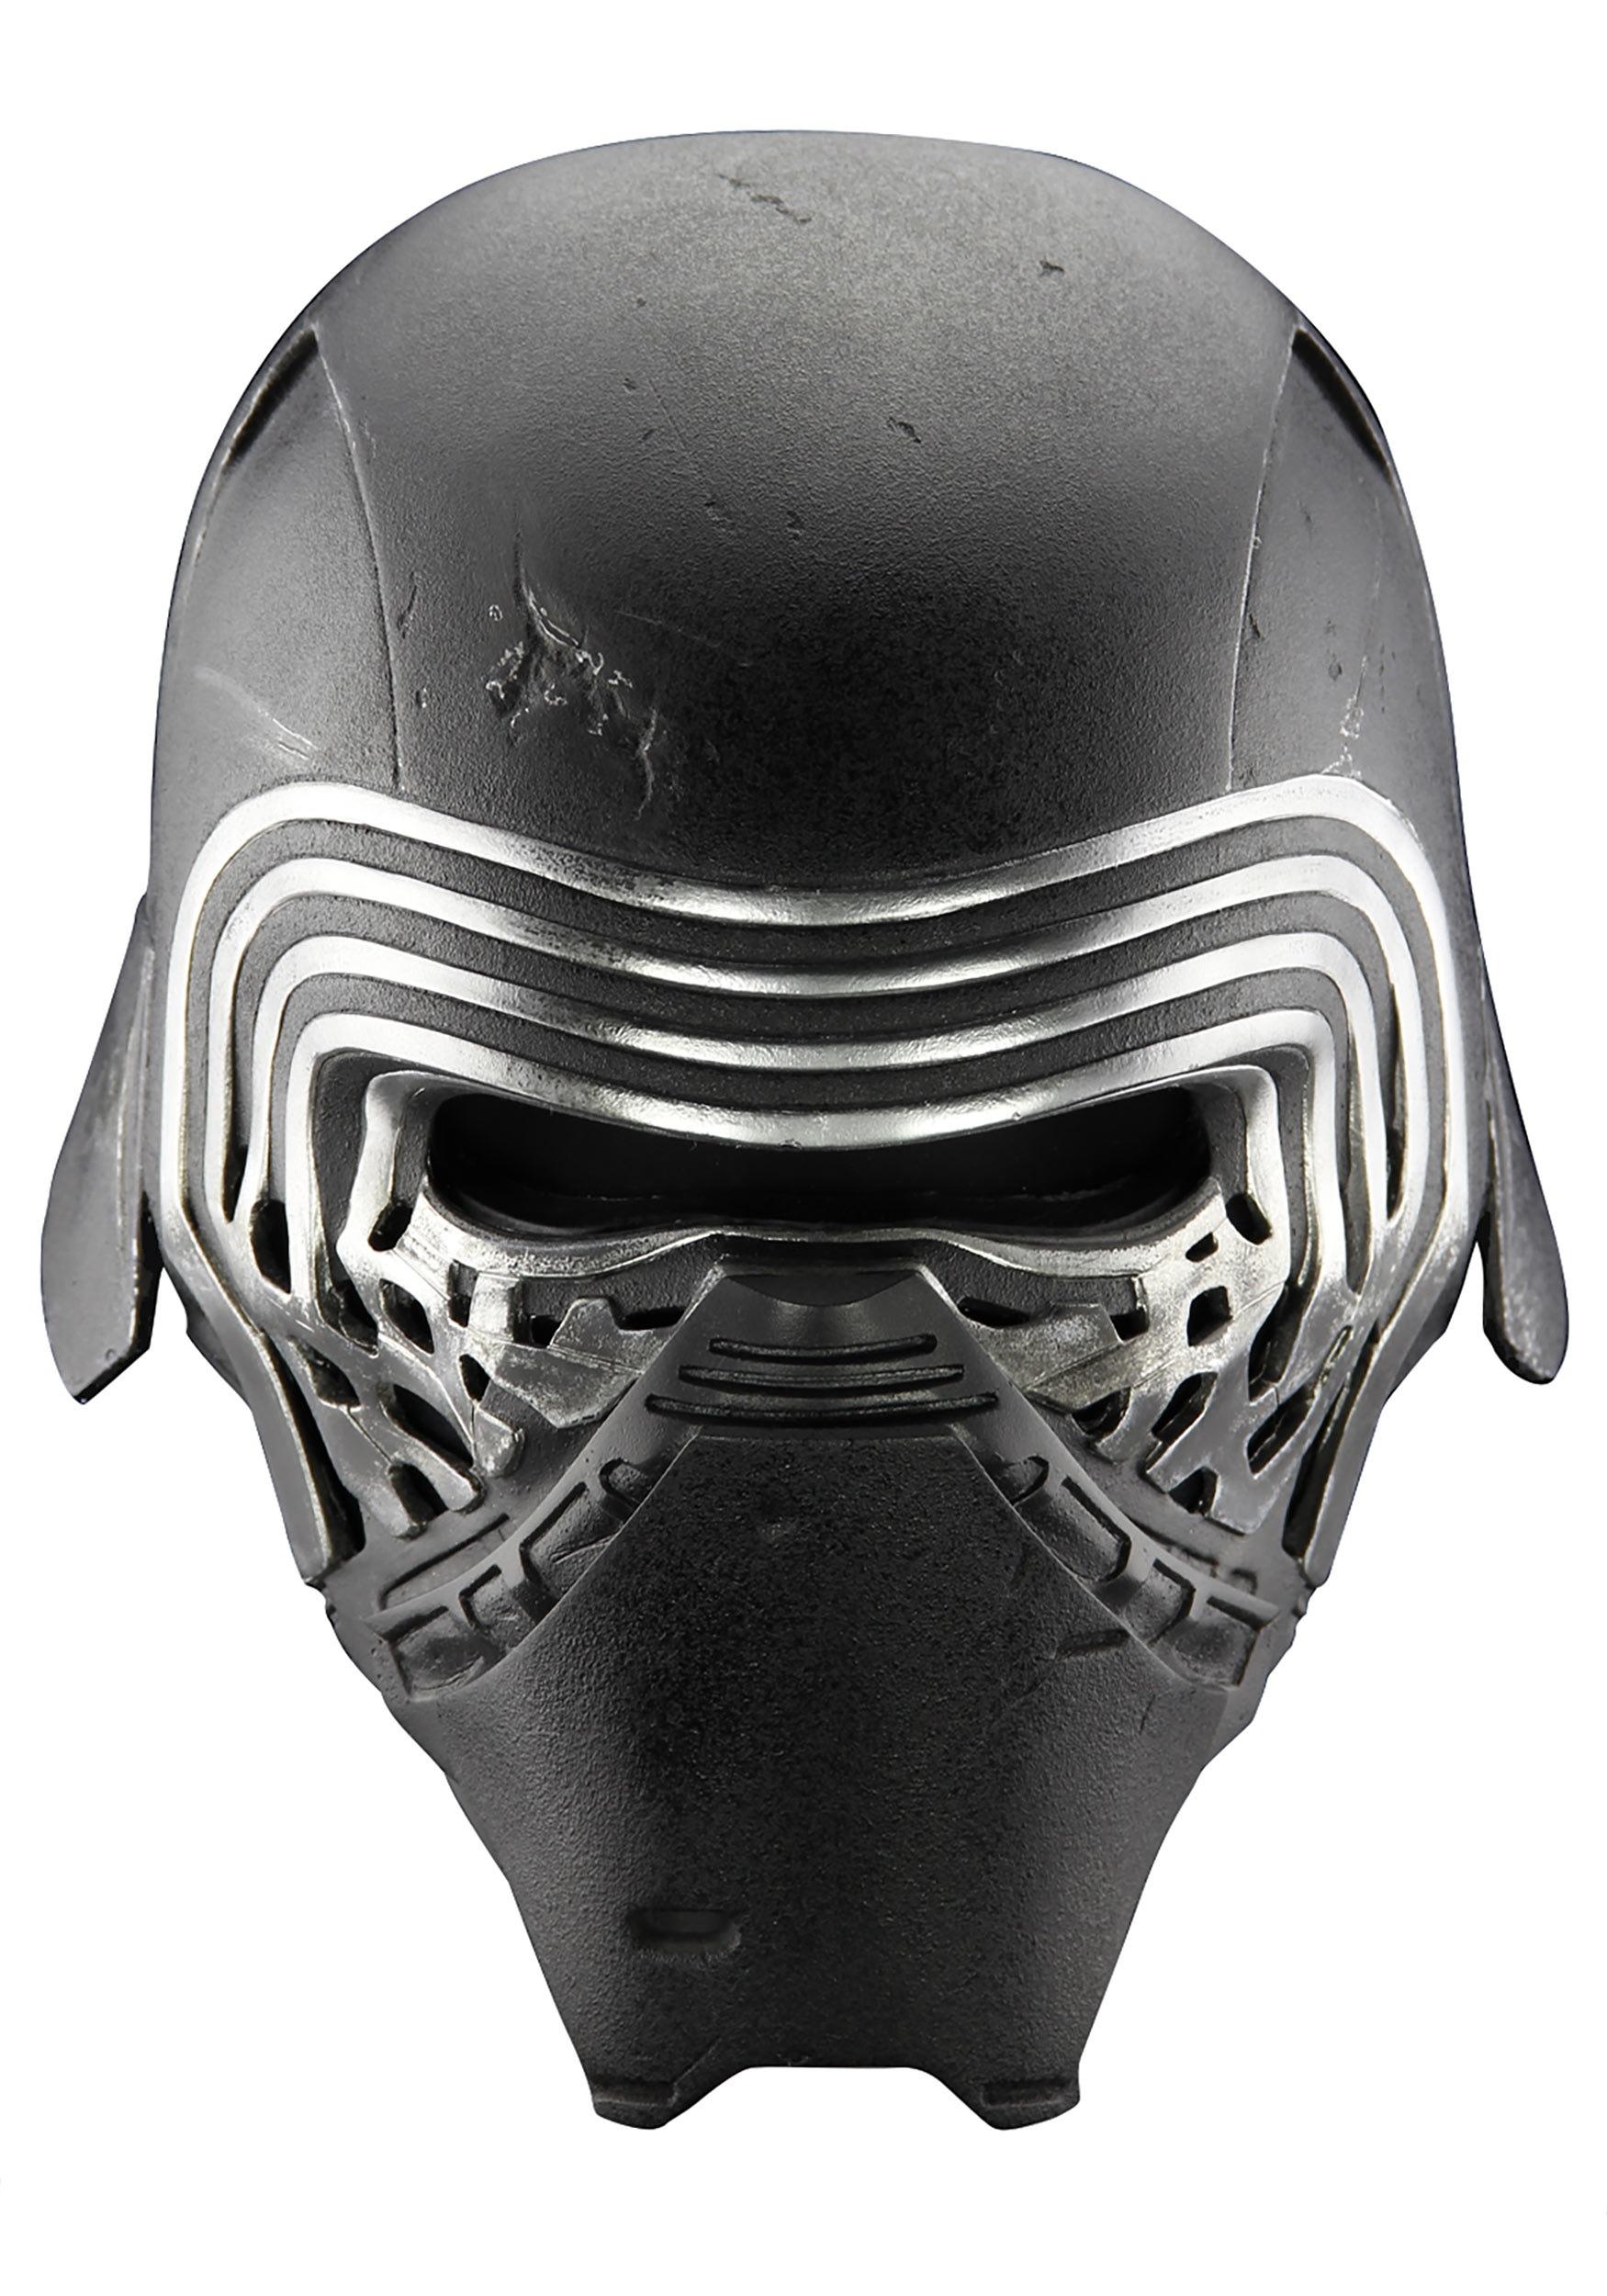 Star Wars: The Force Awakens Premier Kylo Ren Helmet ANPTFAHELMET002